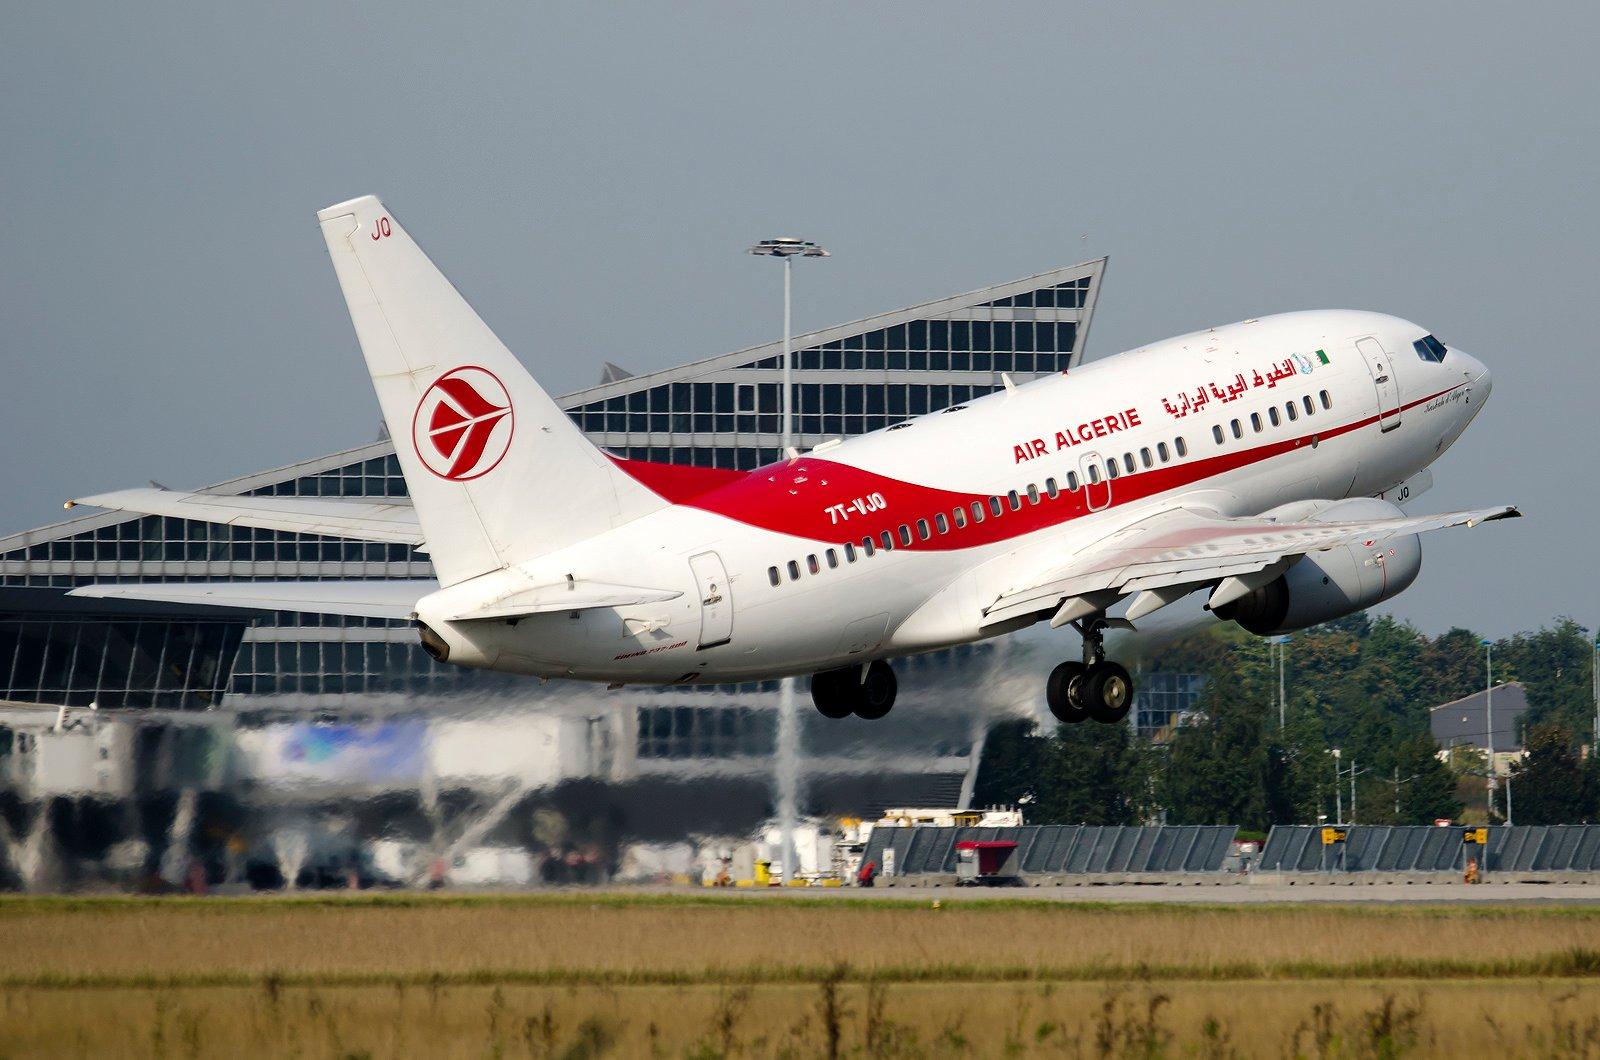 الجوية الجزائر تحضر لاستئناف رحلات نحو وجهتين جديدتين - الجزائر